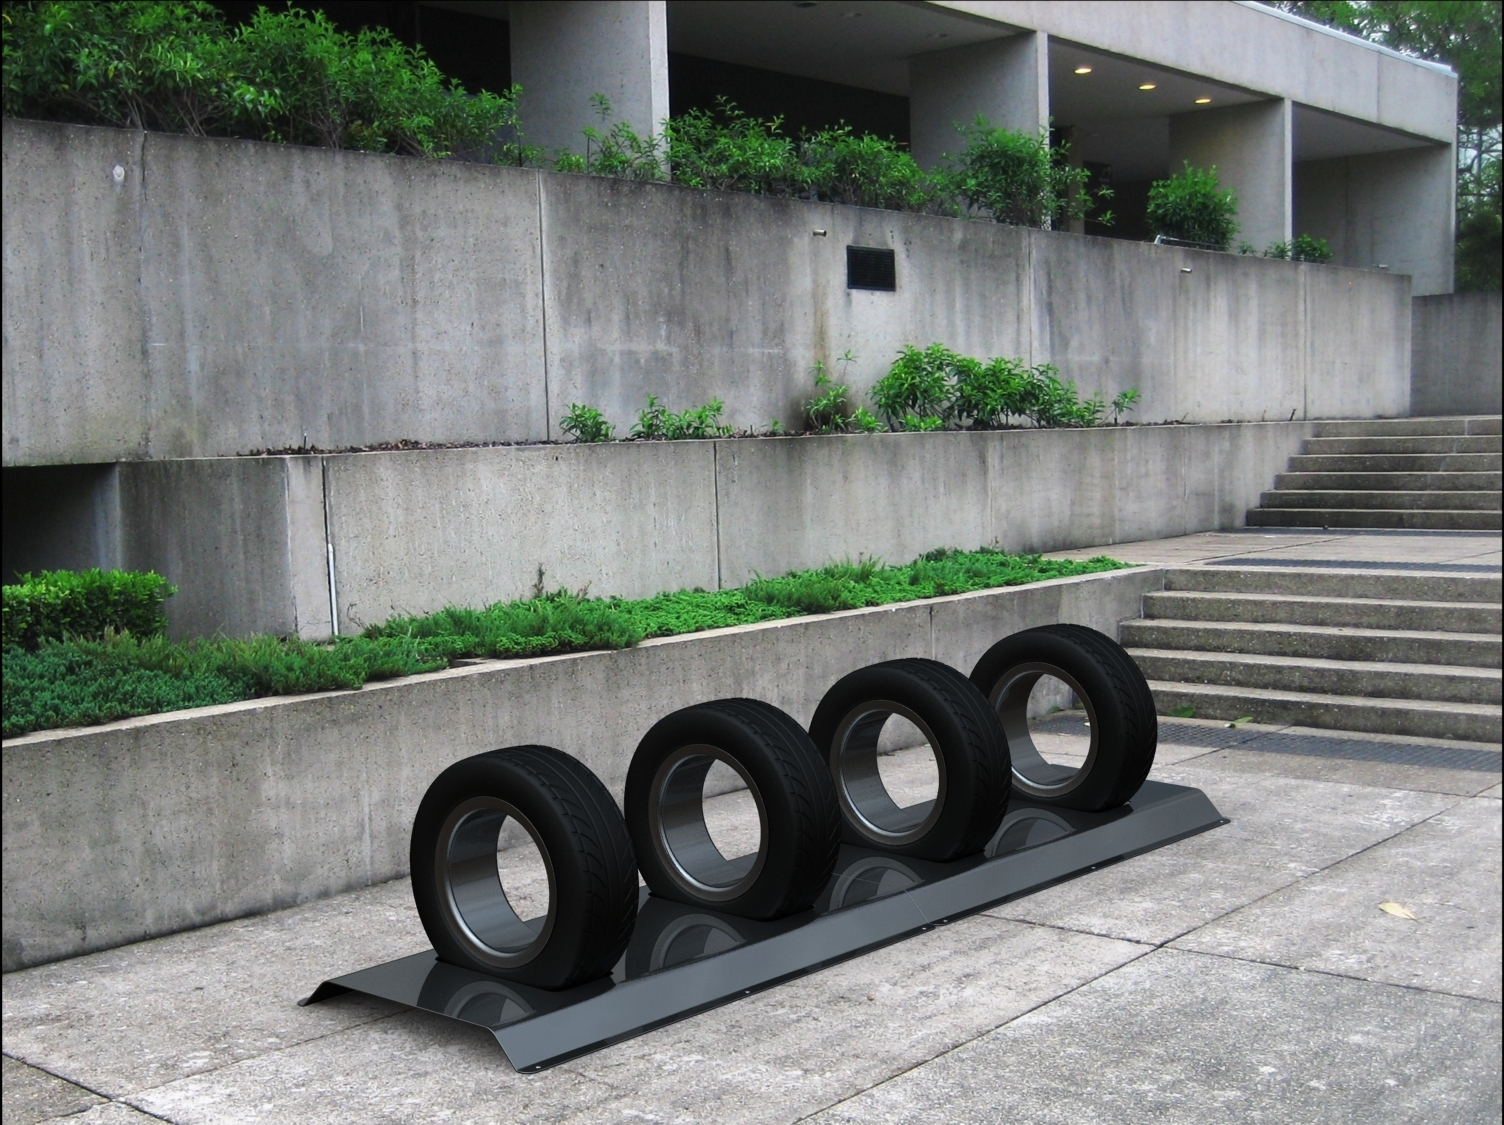 optOmism Bicycle Rack